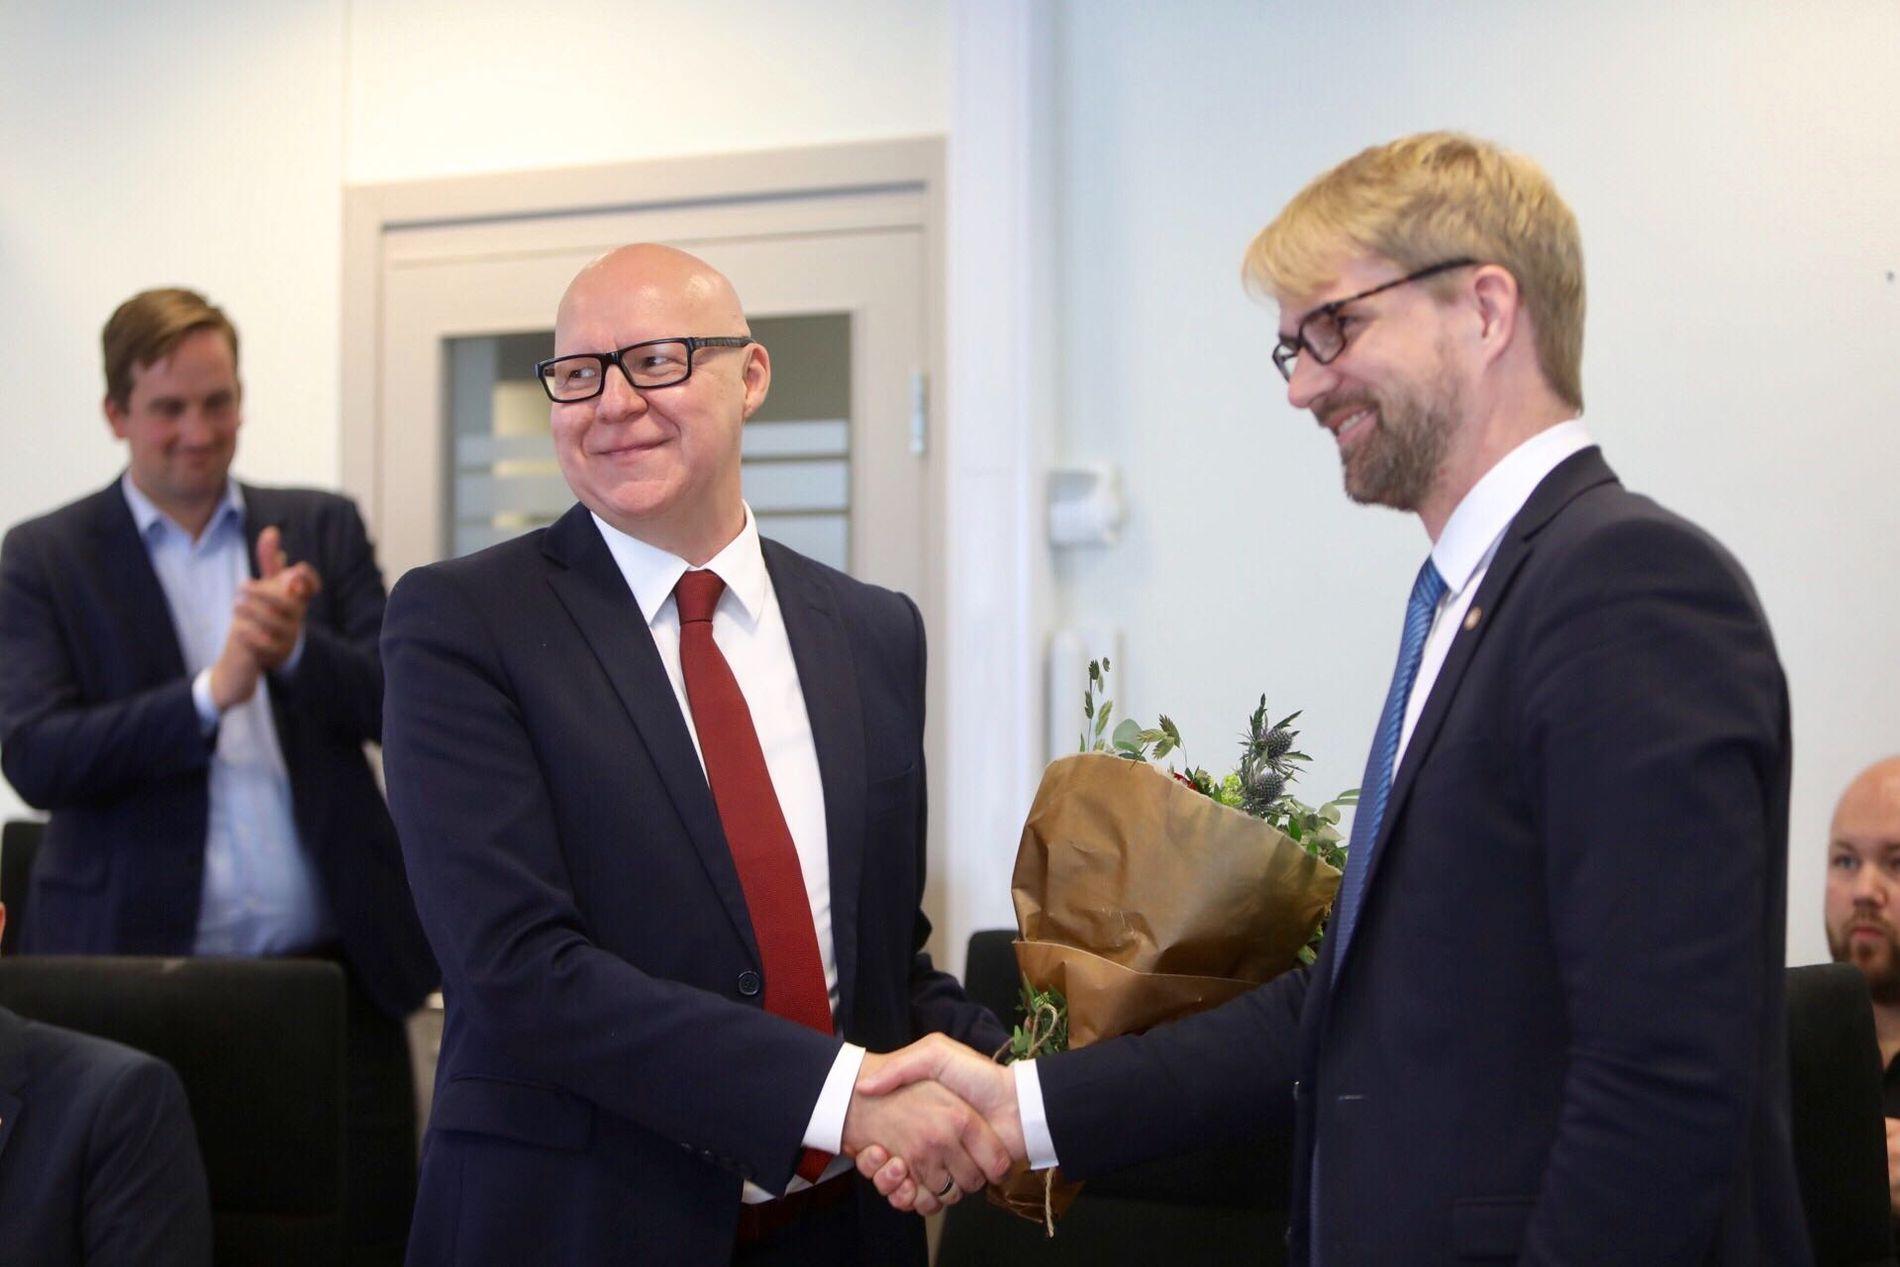 NYTT ANSIKT: Bare to måneder før valget, får byrådet i Bergen et nytt tilskudd. Byrådsleder Roger Valhammer ønsker her Rune Bakervik velkommen.